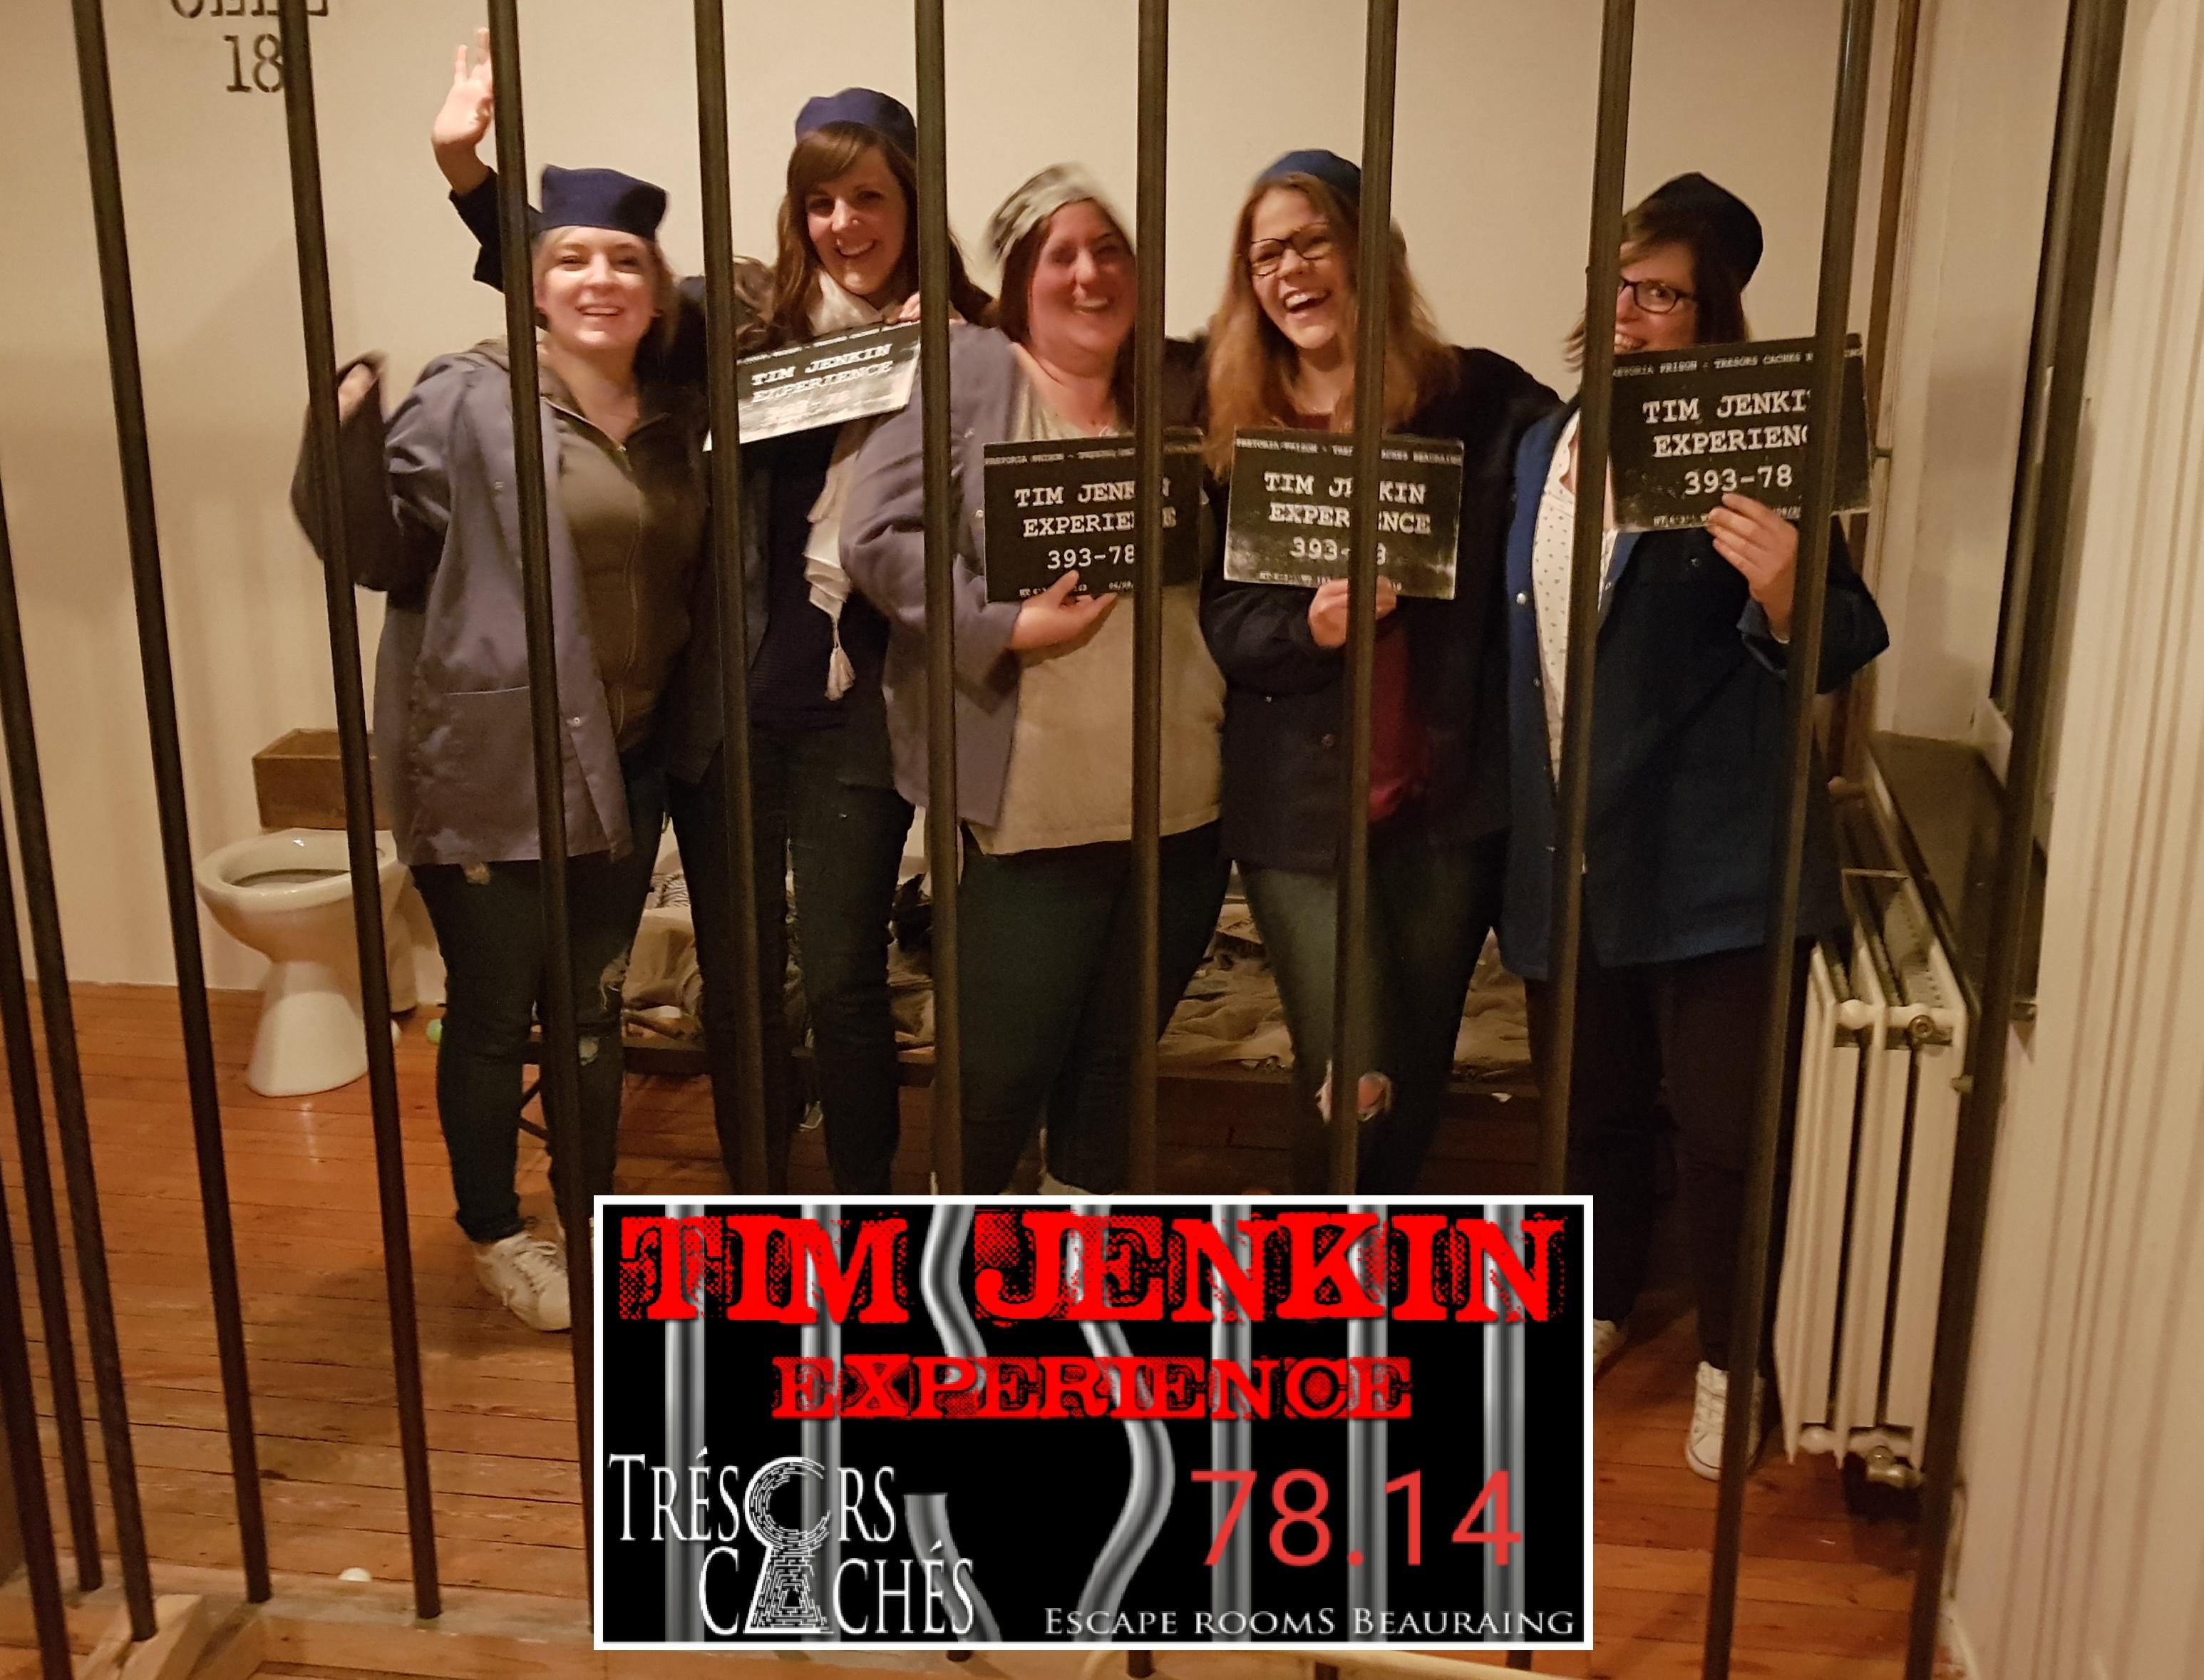 Trésors Cachés Escape Room Beauraing 7